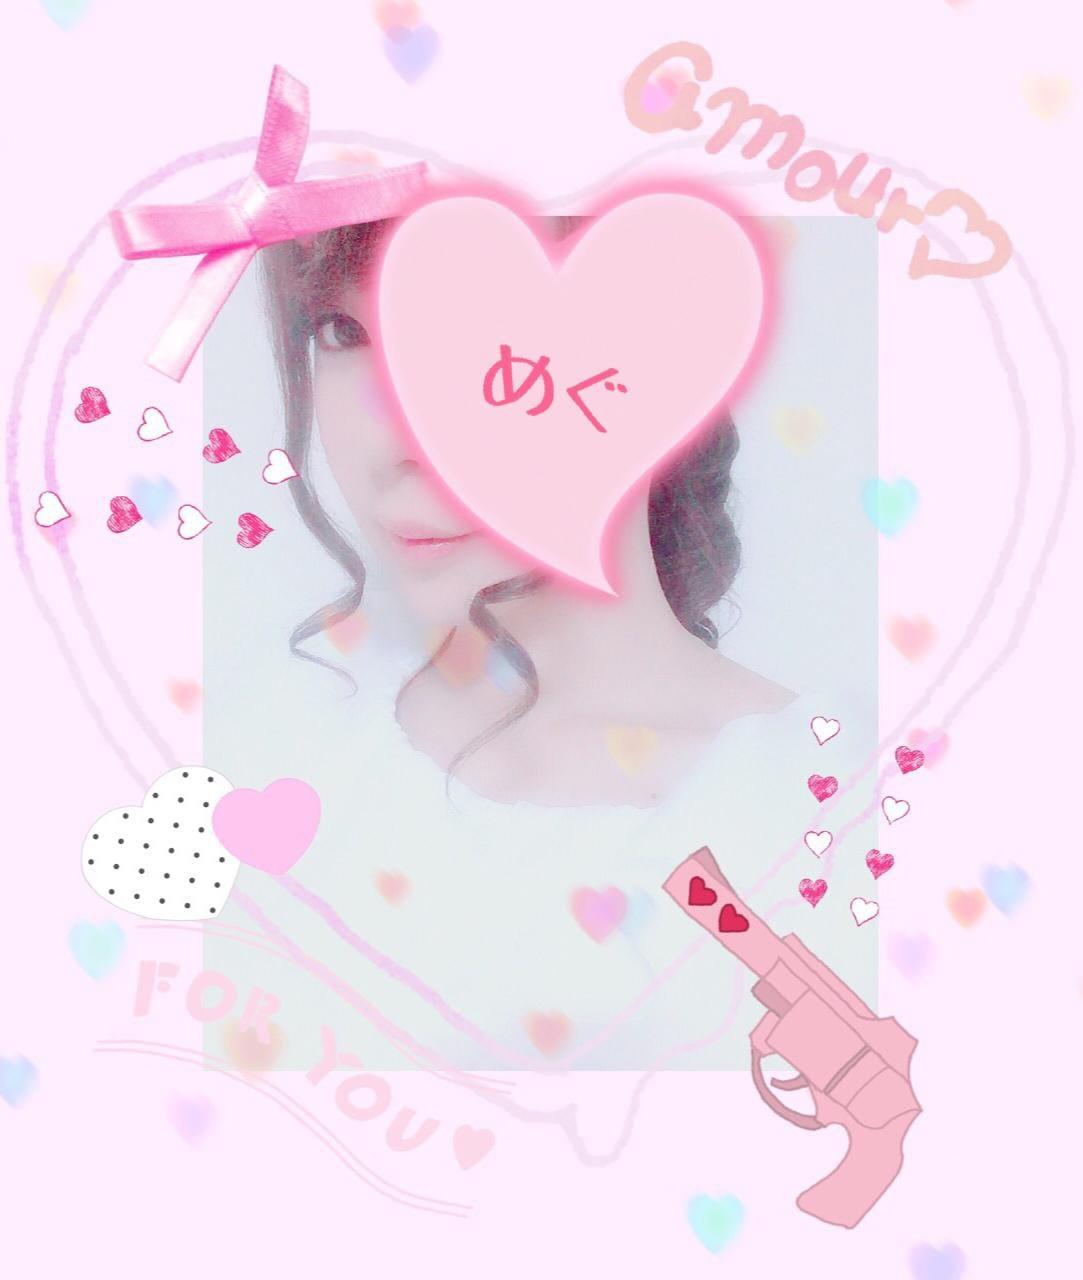 「こんにちは(*ˊ˘ˋ*)昨日の…♥♡」08/04(08/04) 17:05 | めぐの写メ・風俗動画